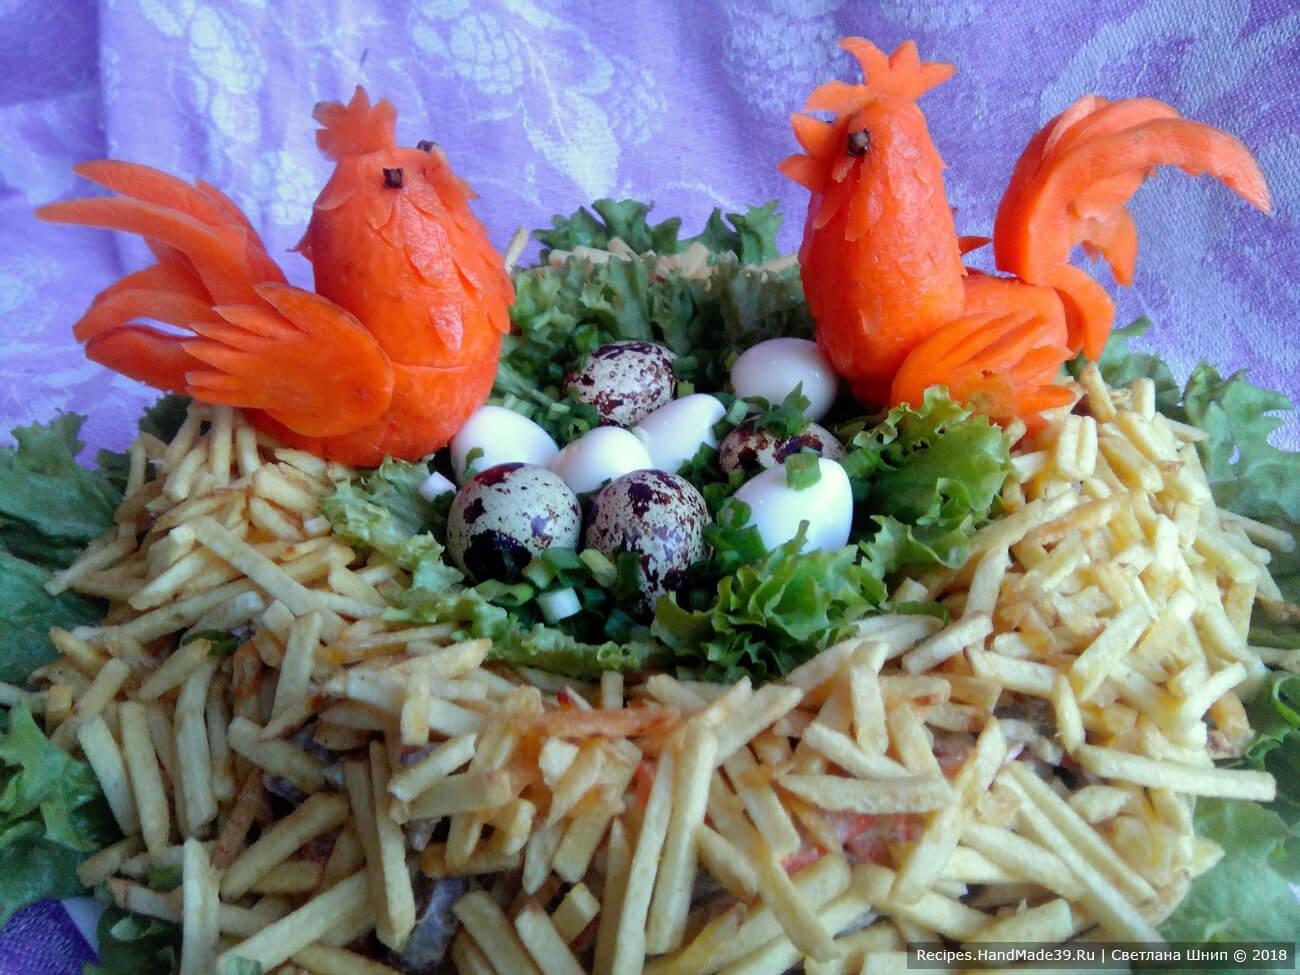 В образовавшийся круг выложить листья салата поменьше, в «гнездо» уложить варёные перепелиные яйца. Из моркови вырезать петушков, посадить их в гнездо